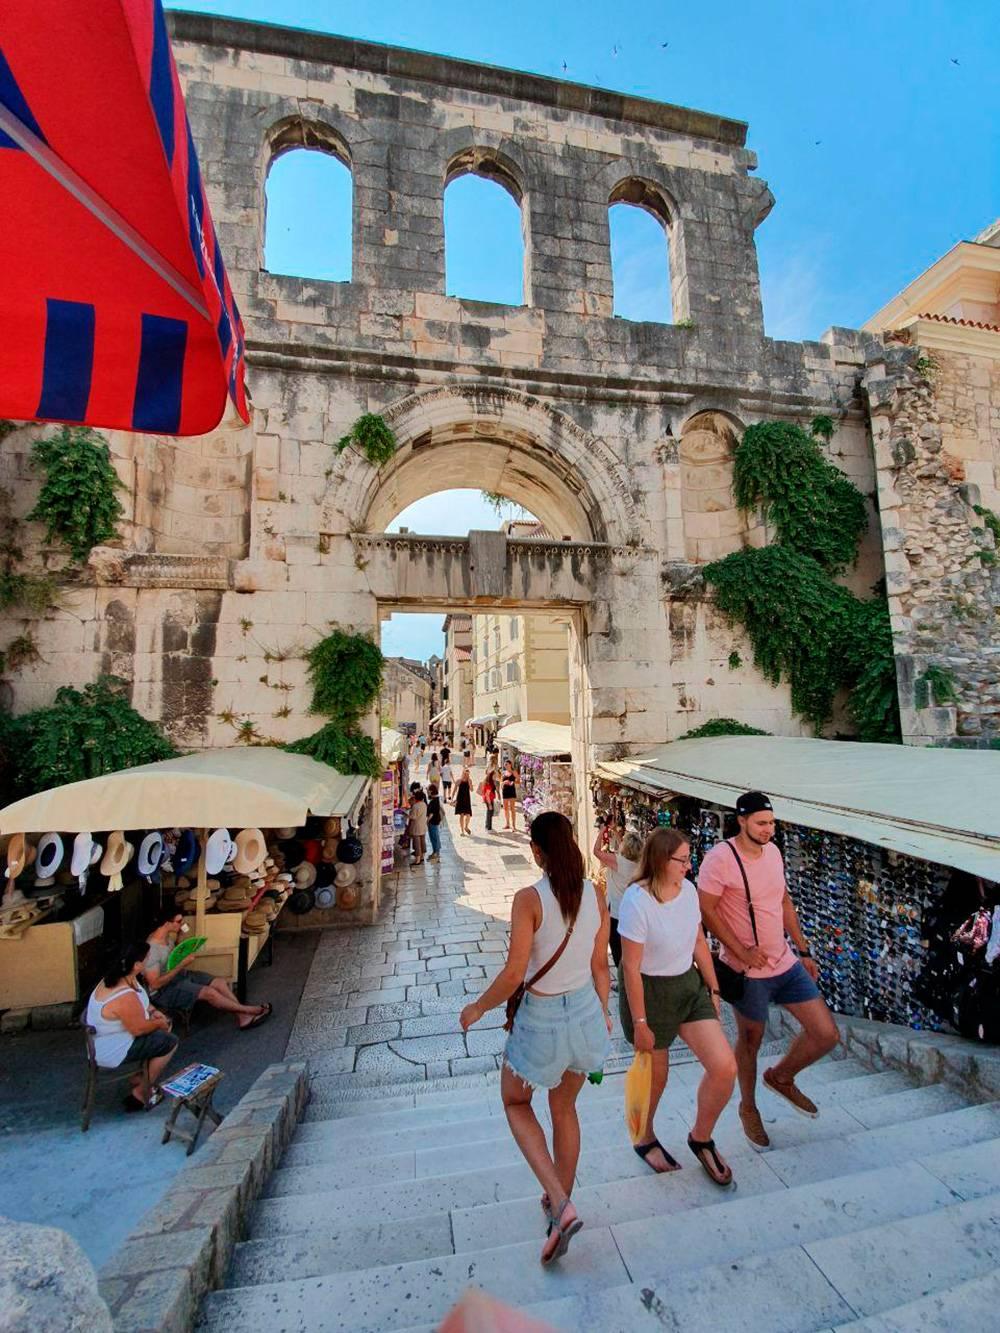 Эта стена осталась от дворца Диоклетиана. Старый центр Сплита построен в нем и вокруг него